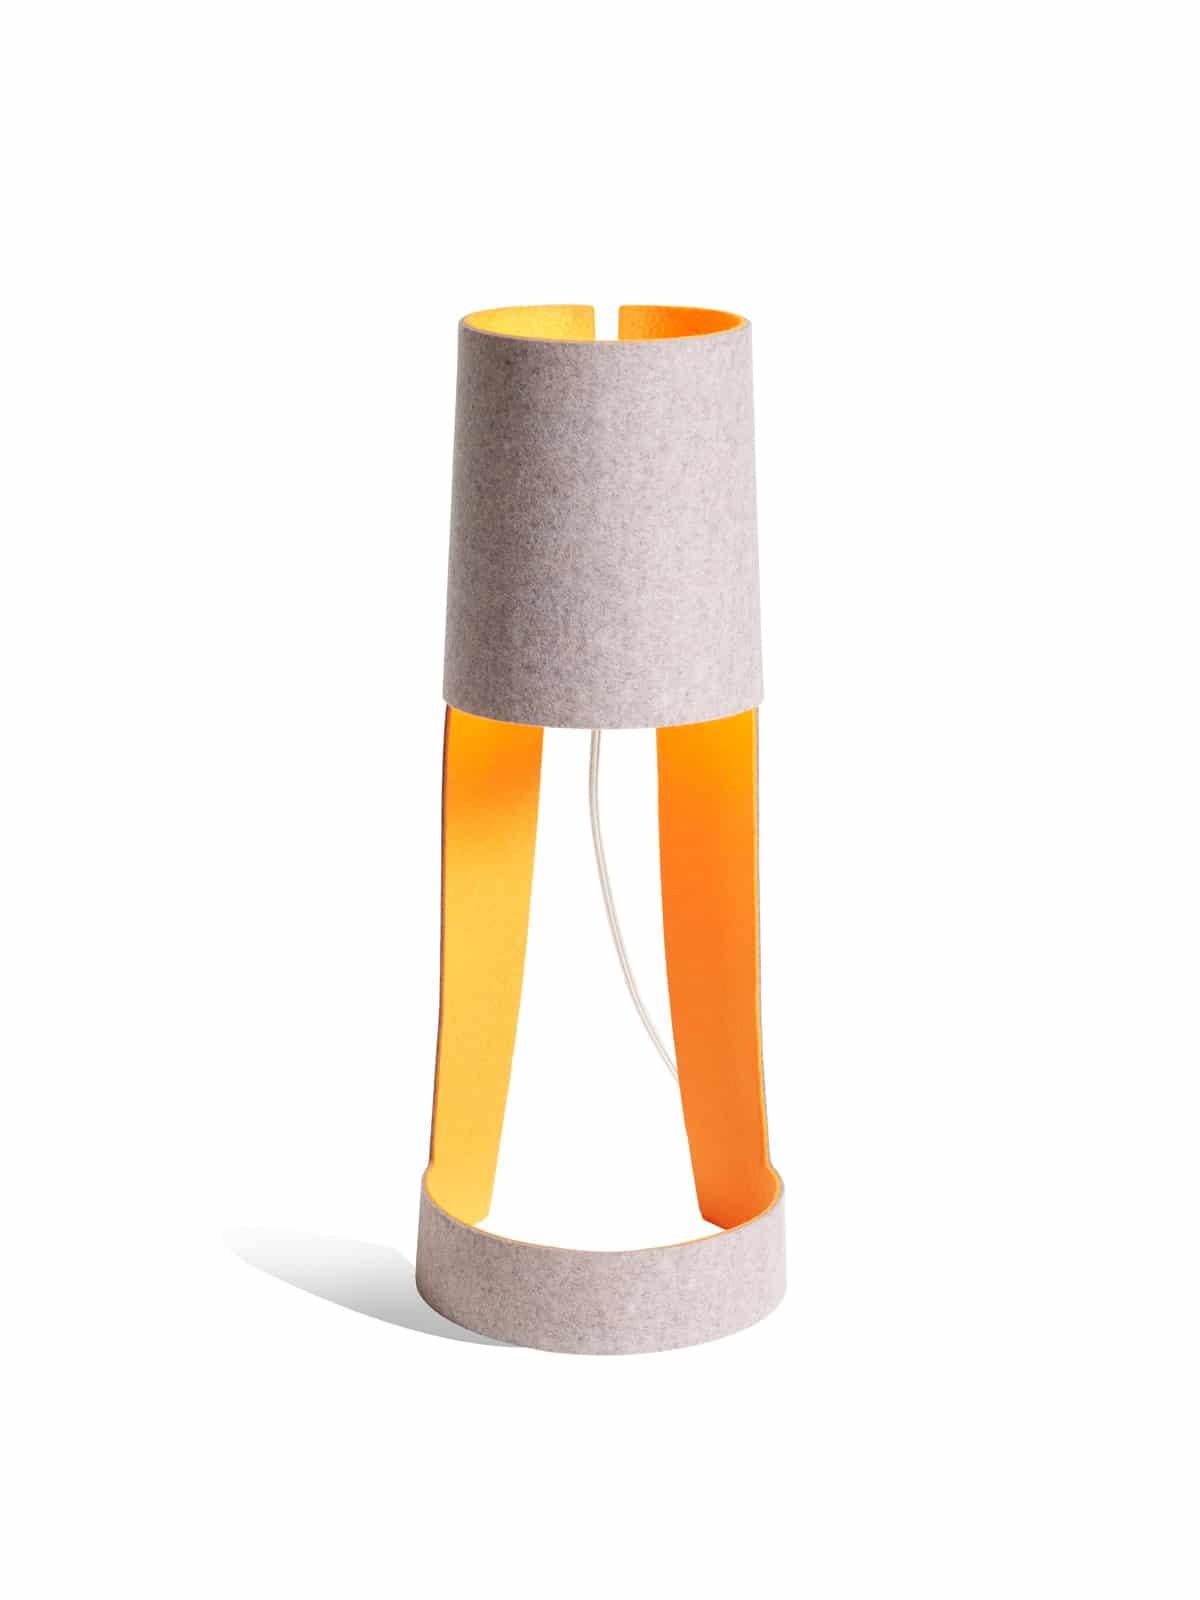 Domus Lampe Mia Orange Grau Filz Designort Onlineshop Leuchten